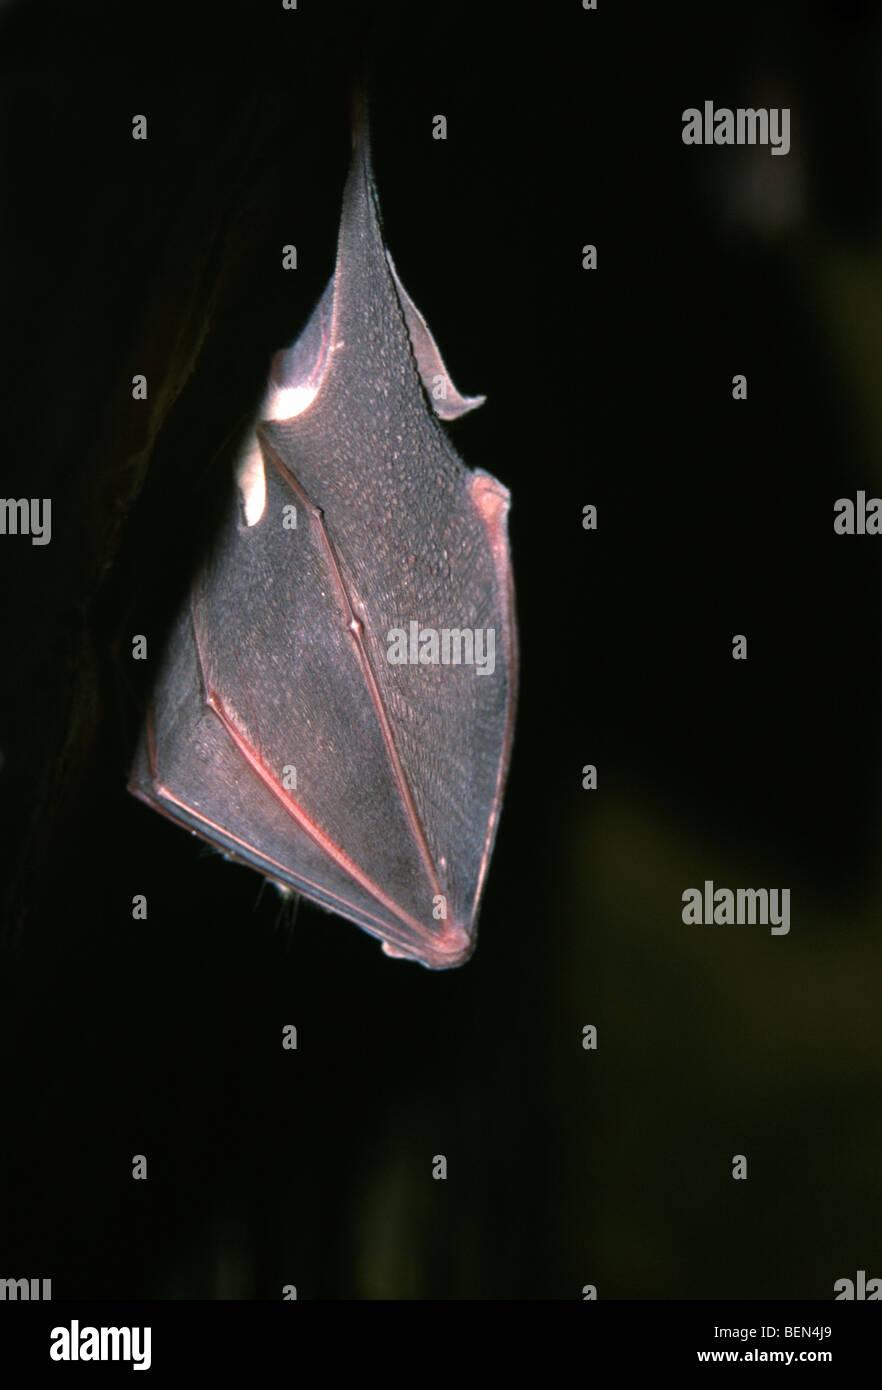 Hibernating Greater horseshoe bat (Rhinolophus ferrumequinum), France - Stock Image